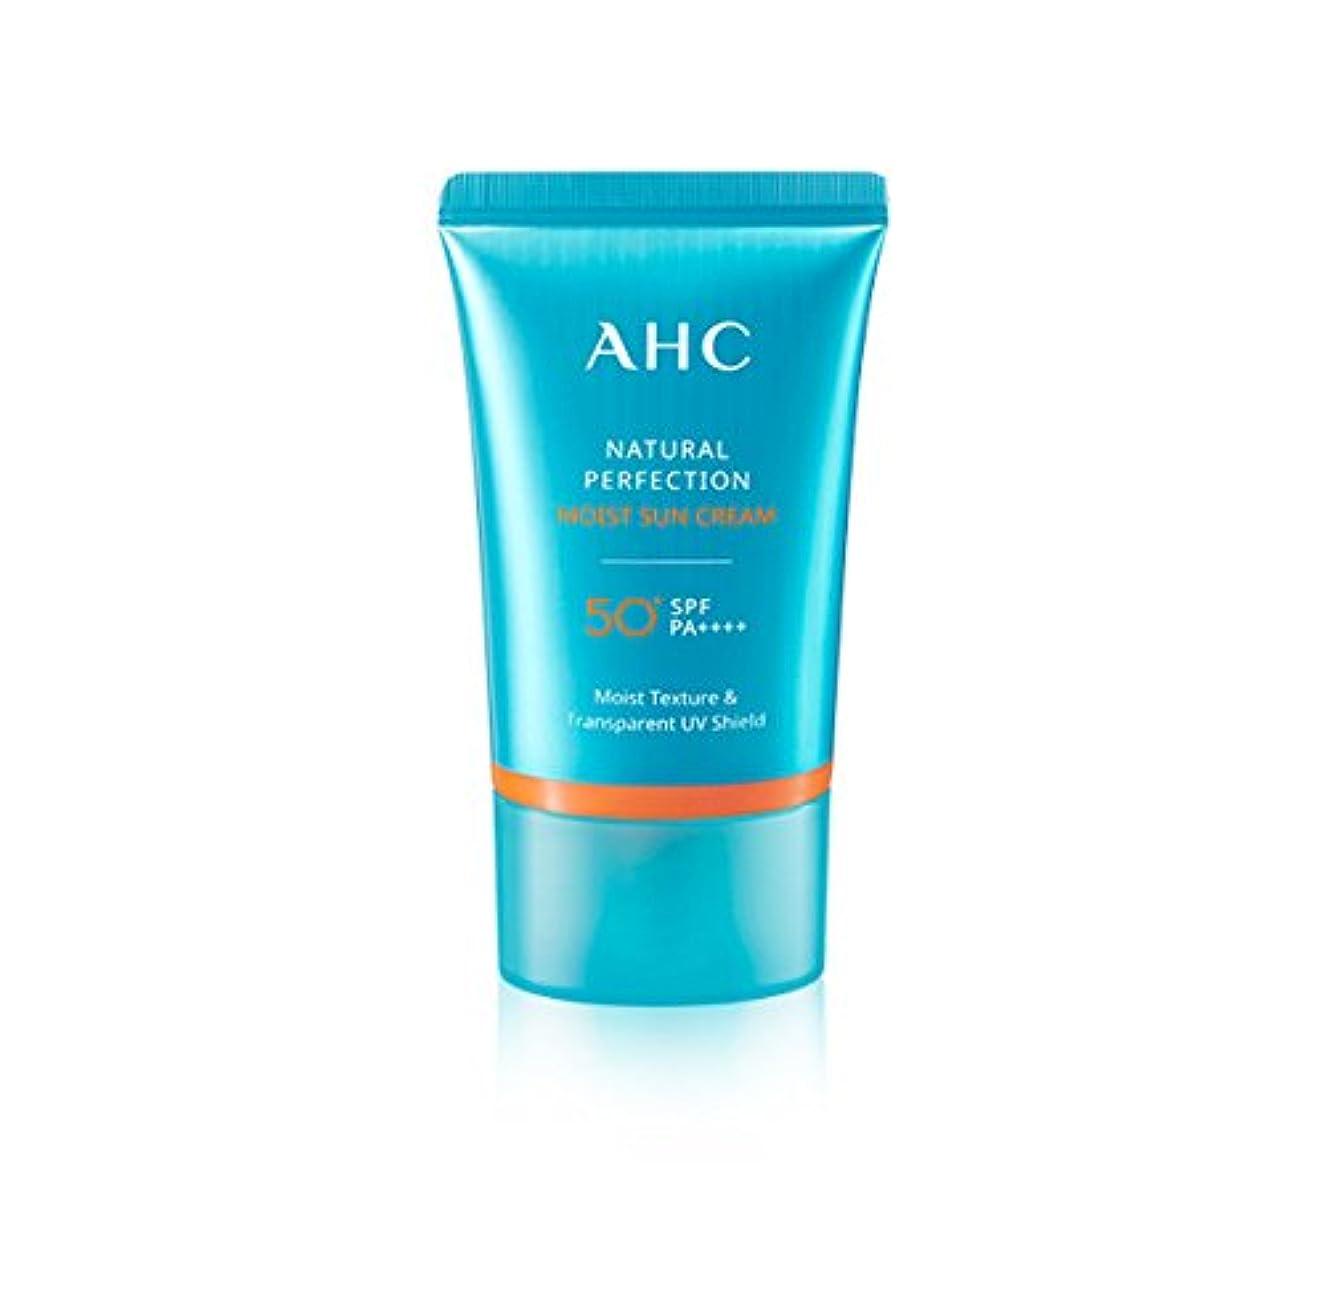 意図拮抗する旅行者AHC Natural Perfection Moist Sun Cream 50ml/AHC ナチュラル パーフェクション モイスト サン クリーム 50ml [並行輸入品]